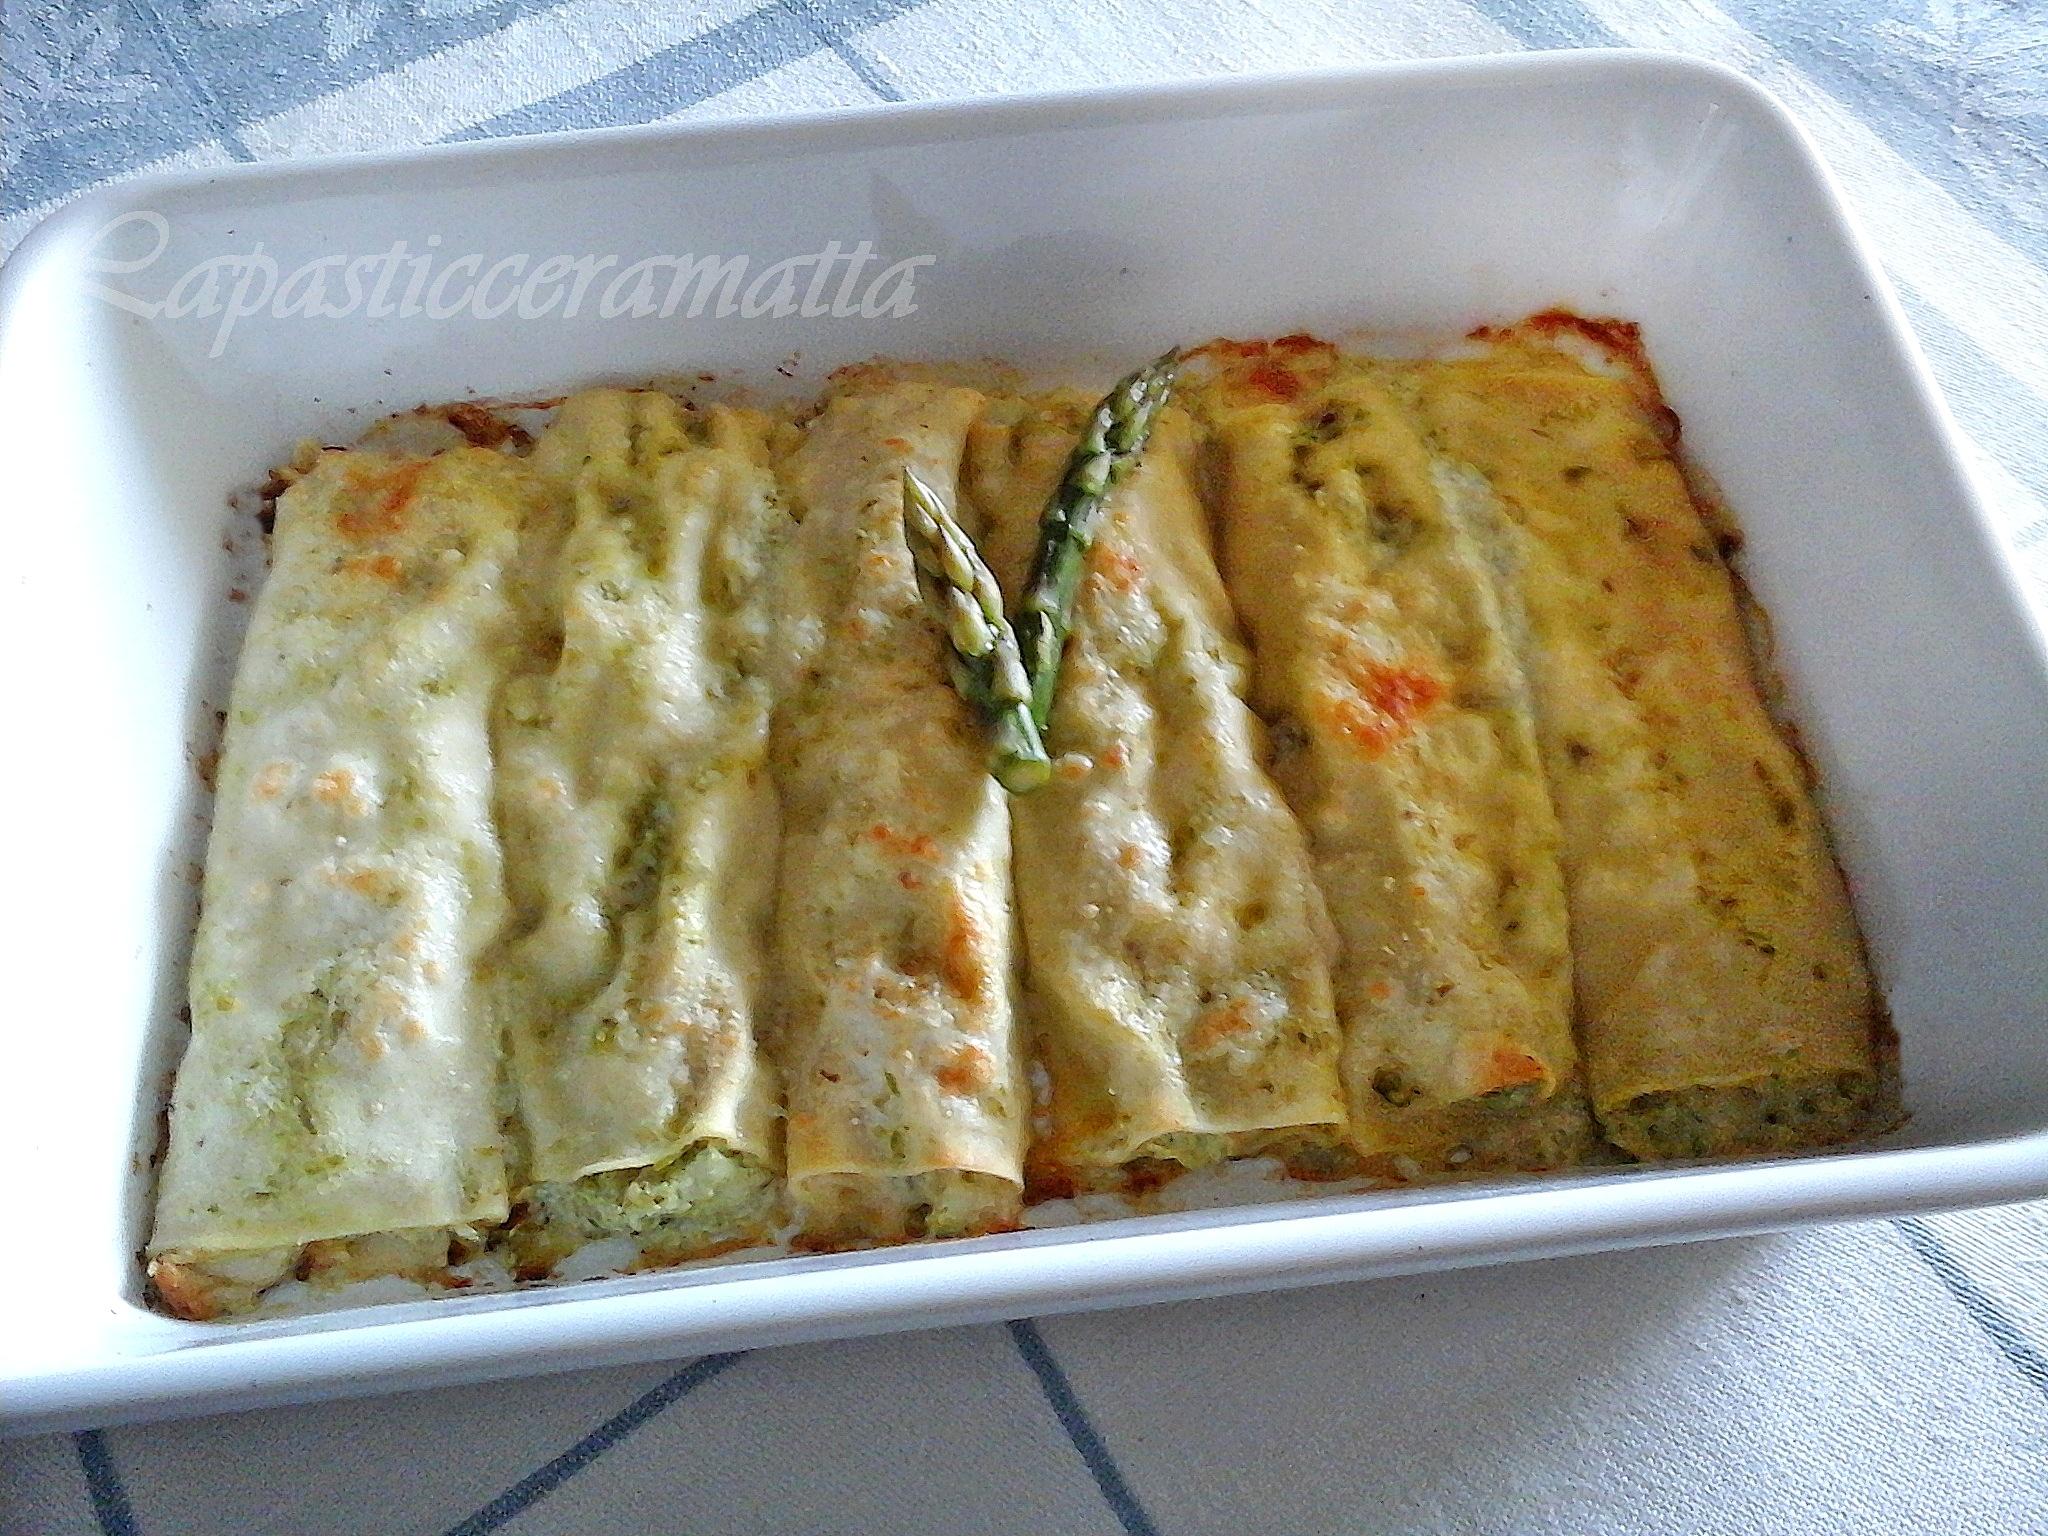 Cannelloni crema di asparagi e scamorza affumicata, il ripieno è senza besciamella, ricotta e asparagi e scamorza affumicata